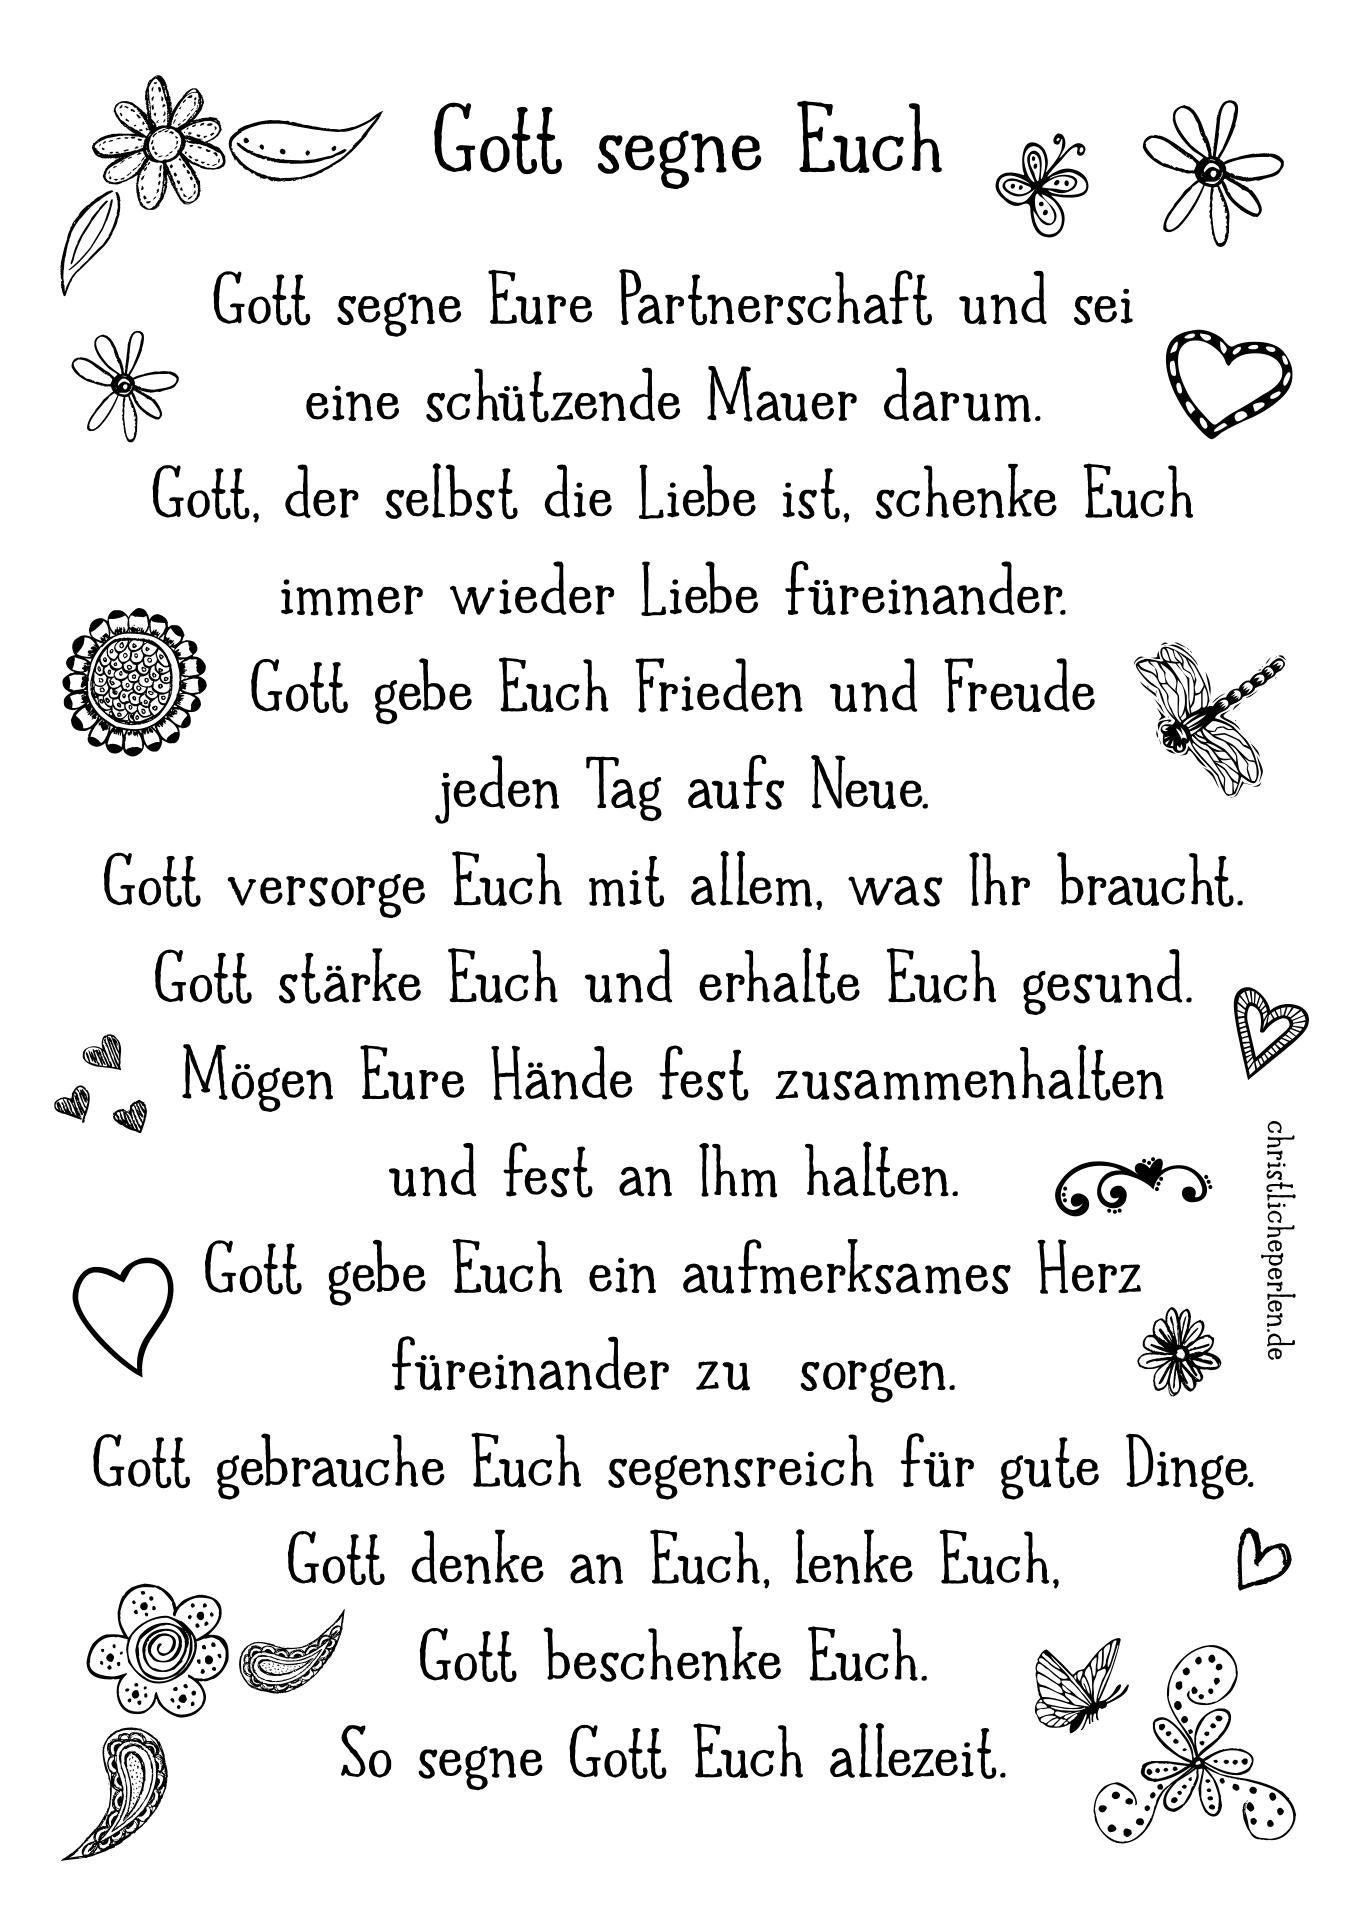 Gott Segne Euch Hochzeitswunsche Spruche Spruche Hochzeit Hochzeit Gluckwunsch Spruch